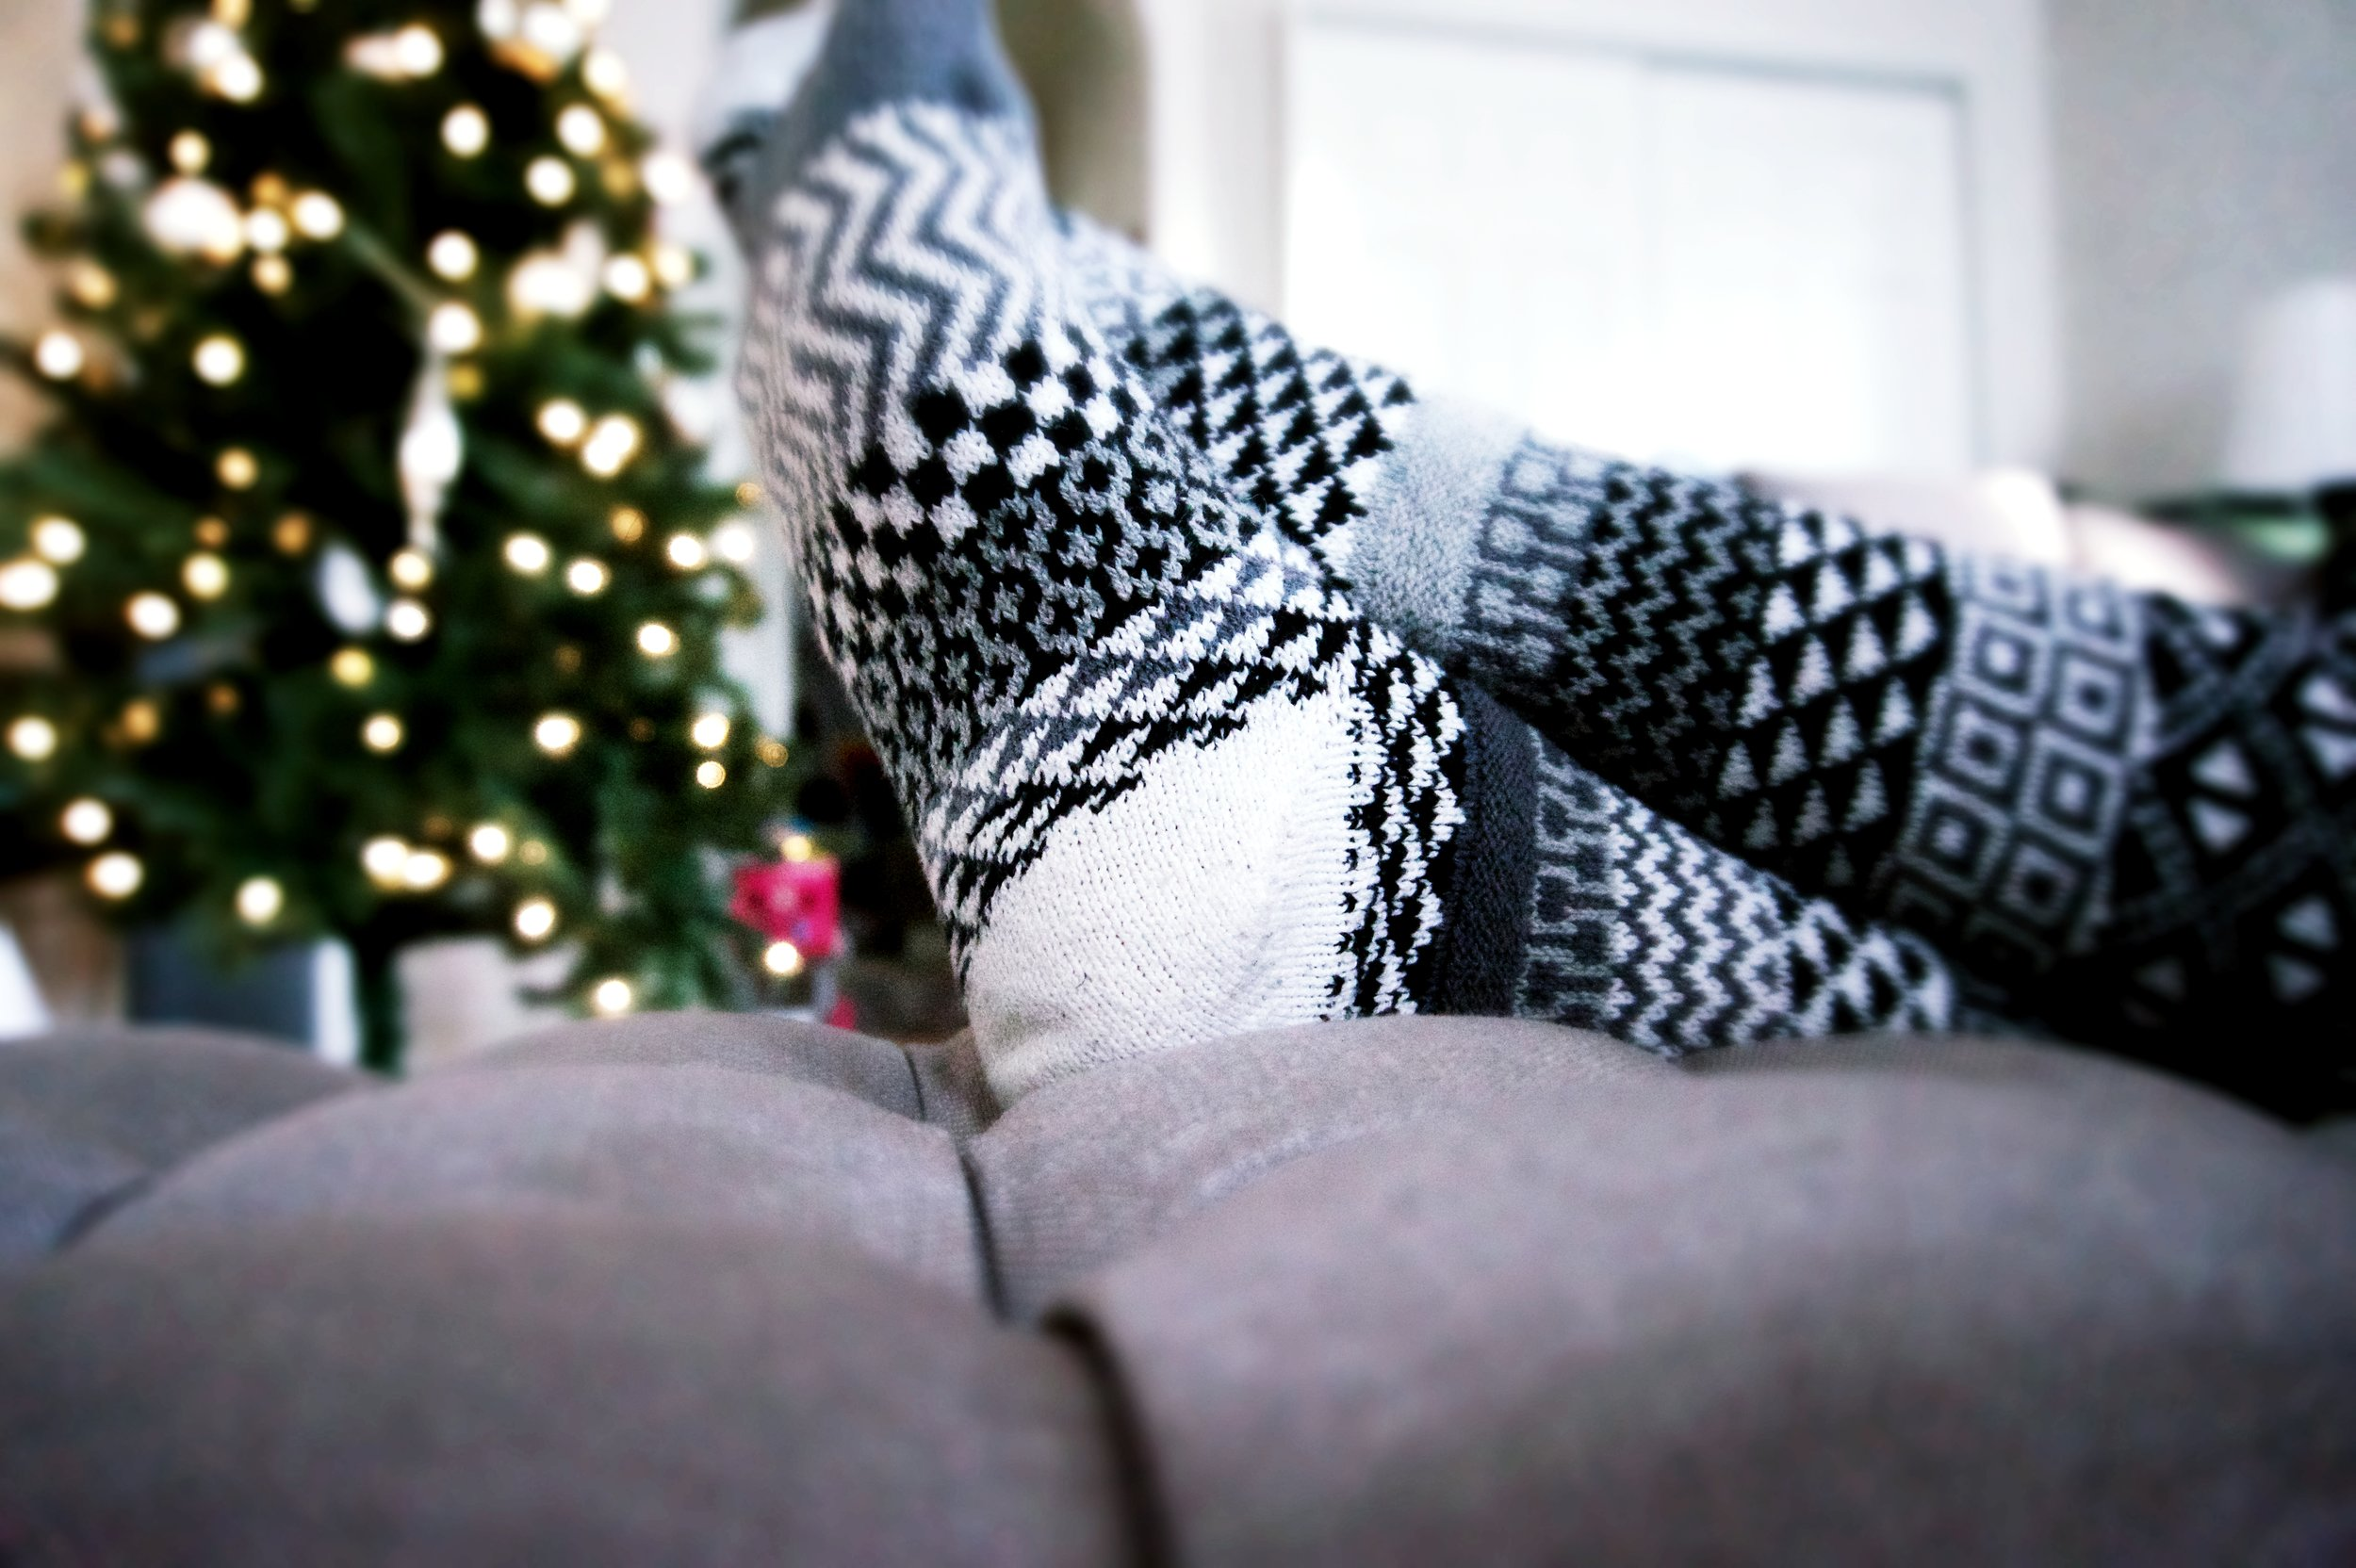 Solmate Socks Black & White